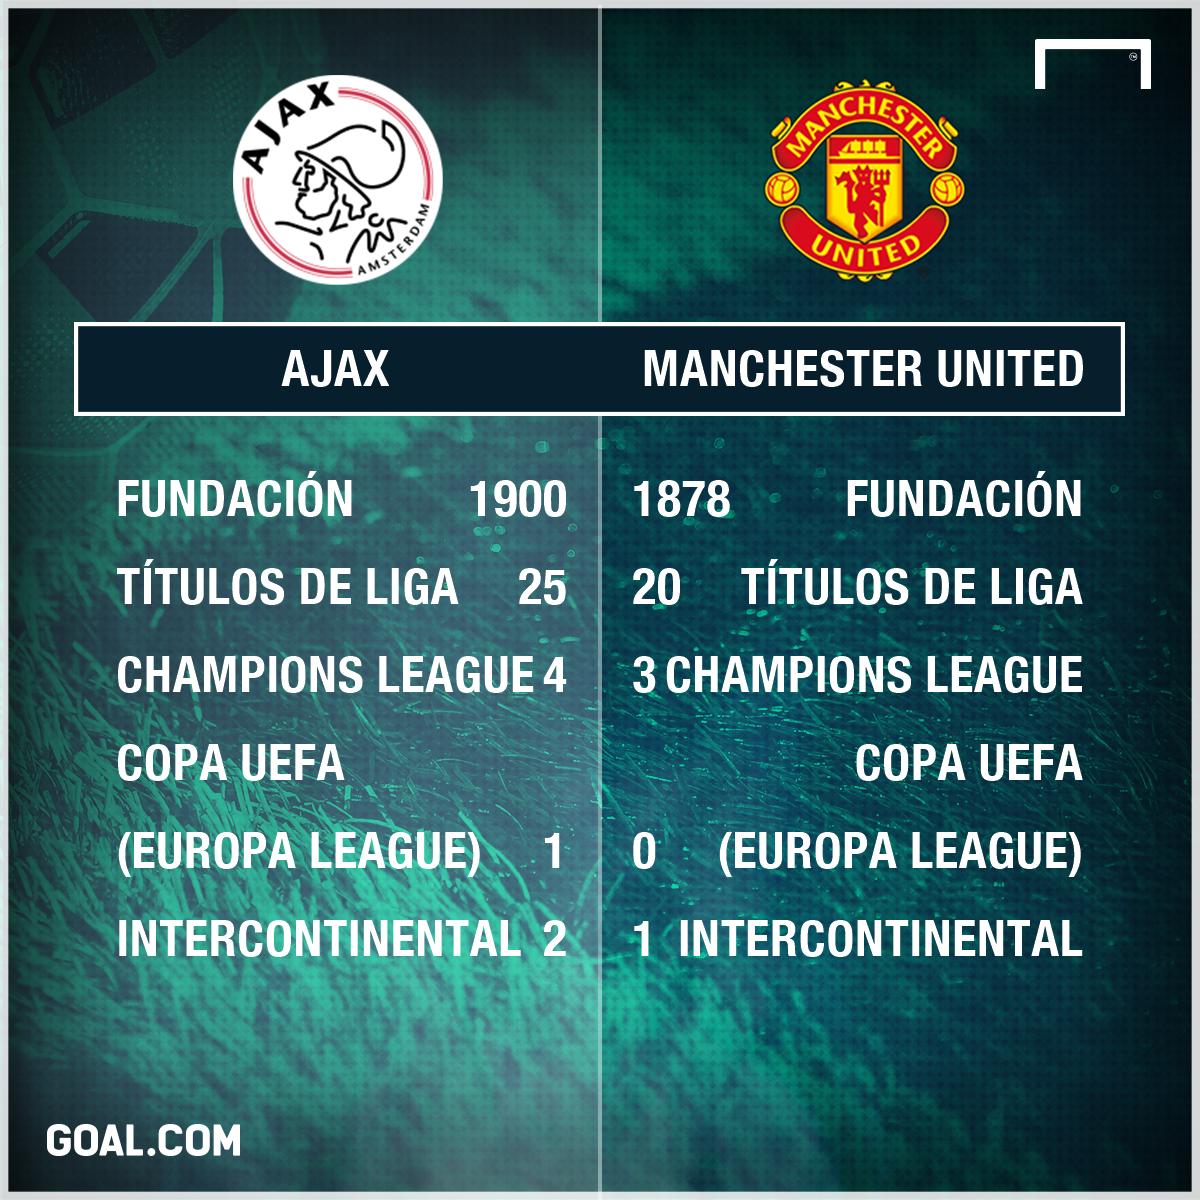 La Apuesta Bet365 Del Ajax Vs Manchester United